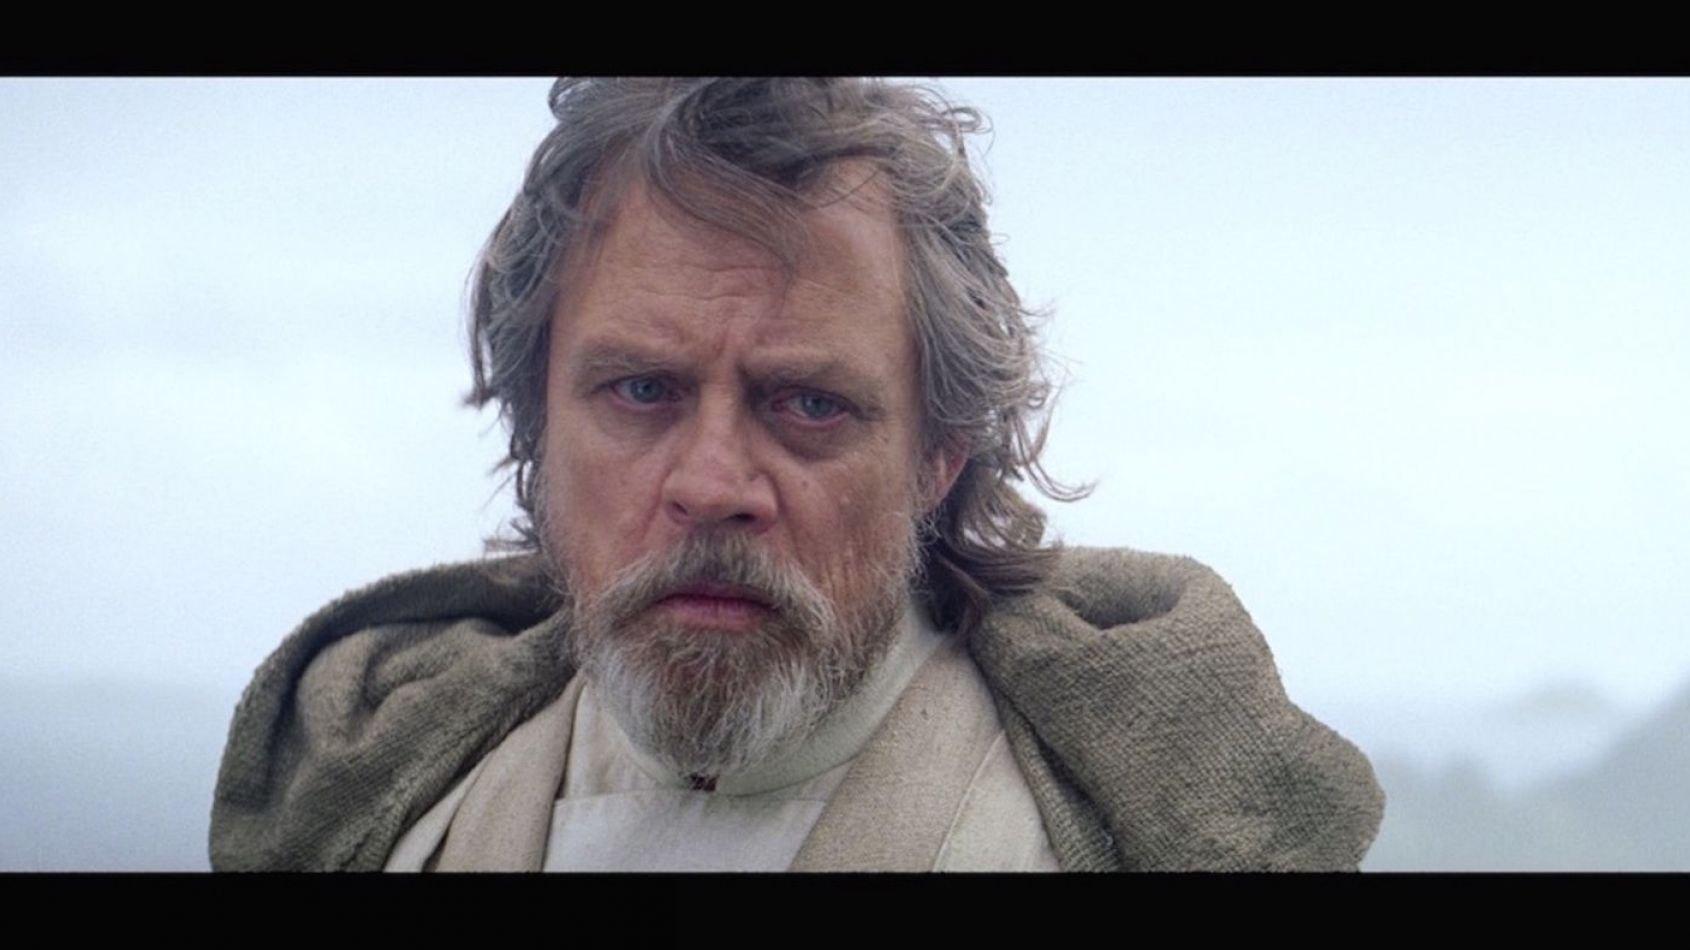 Episode VIII: un mystérieux collier pour Luke Skywalker?